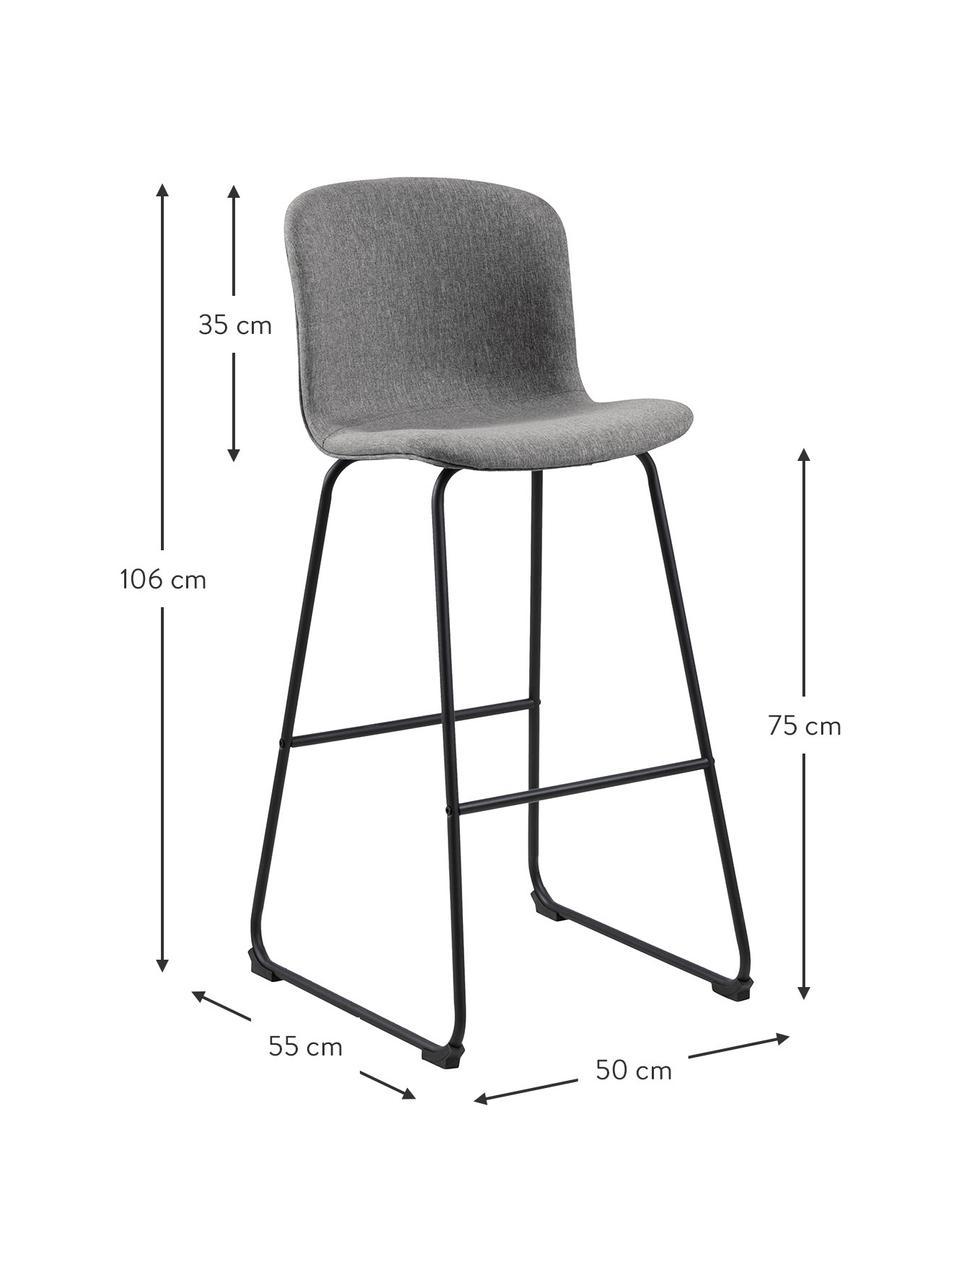 Barstühle Story in Grau, 2 Stück, Bezug: Polyester, Gestell: Metall, pulverbeschichtet, Grau, Schwarz, 50 x 106 cm